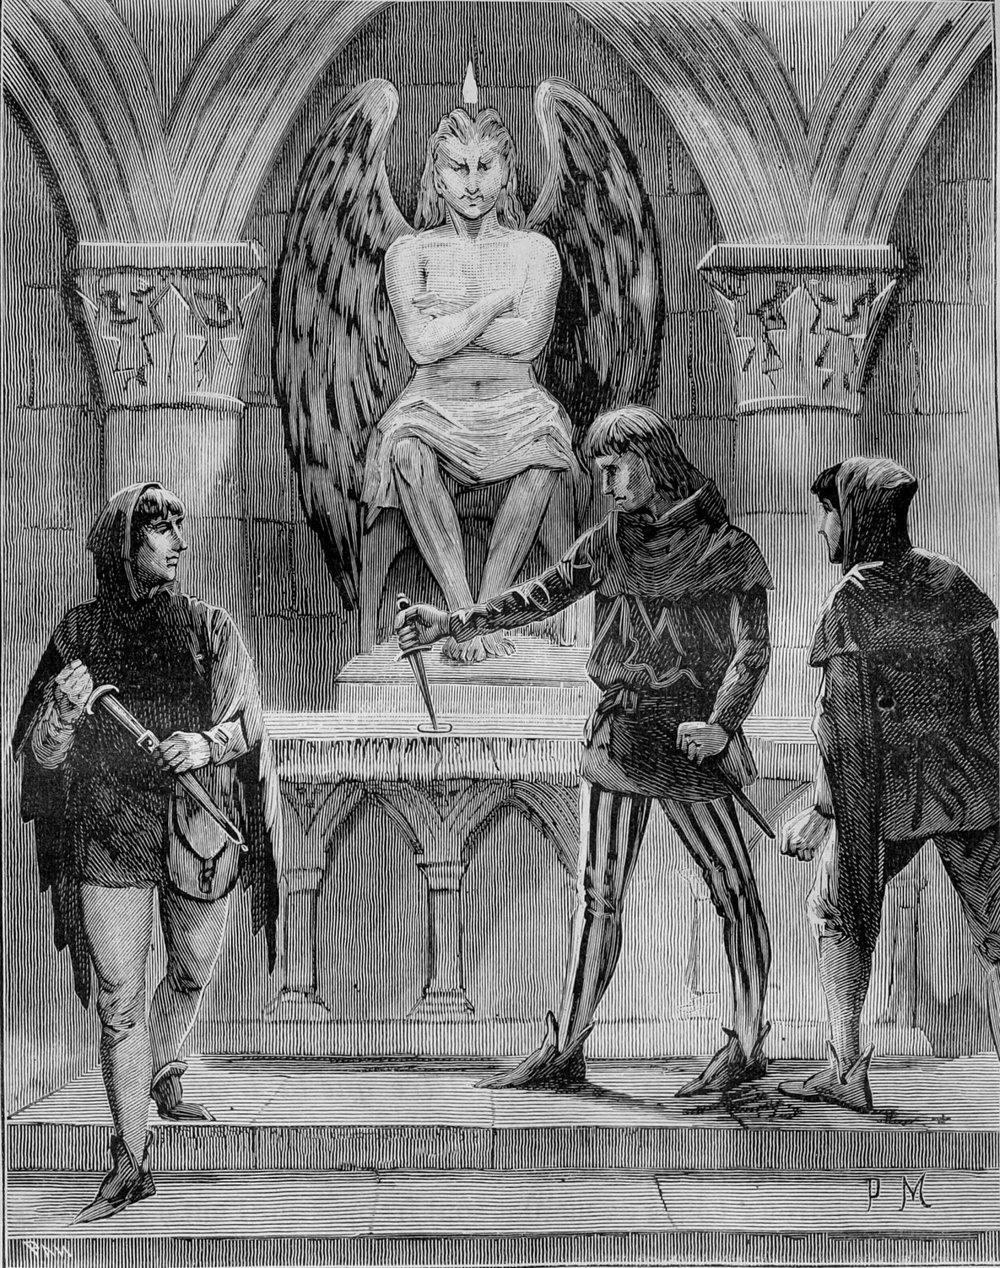 Masones y cultos diabólicos. Ilustración incluida en Les mystères de la franc-maçonnerie